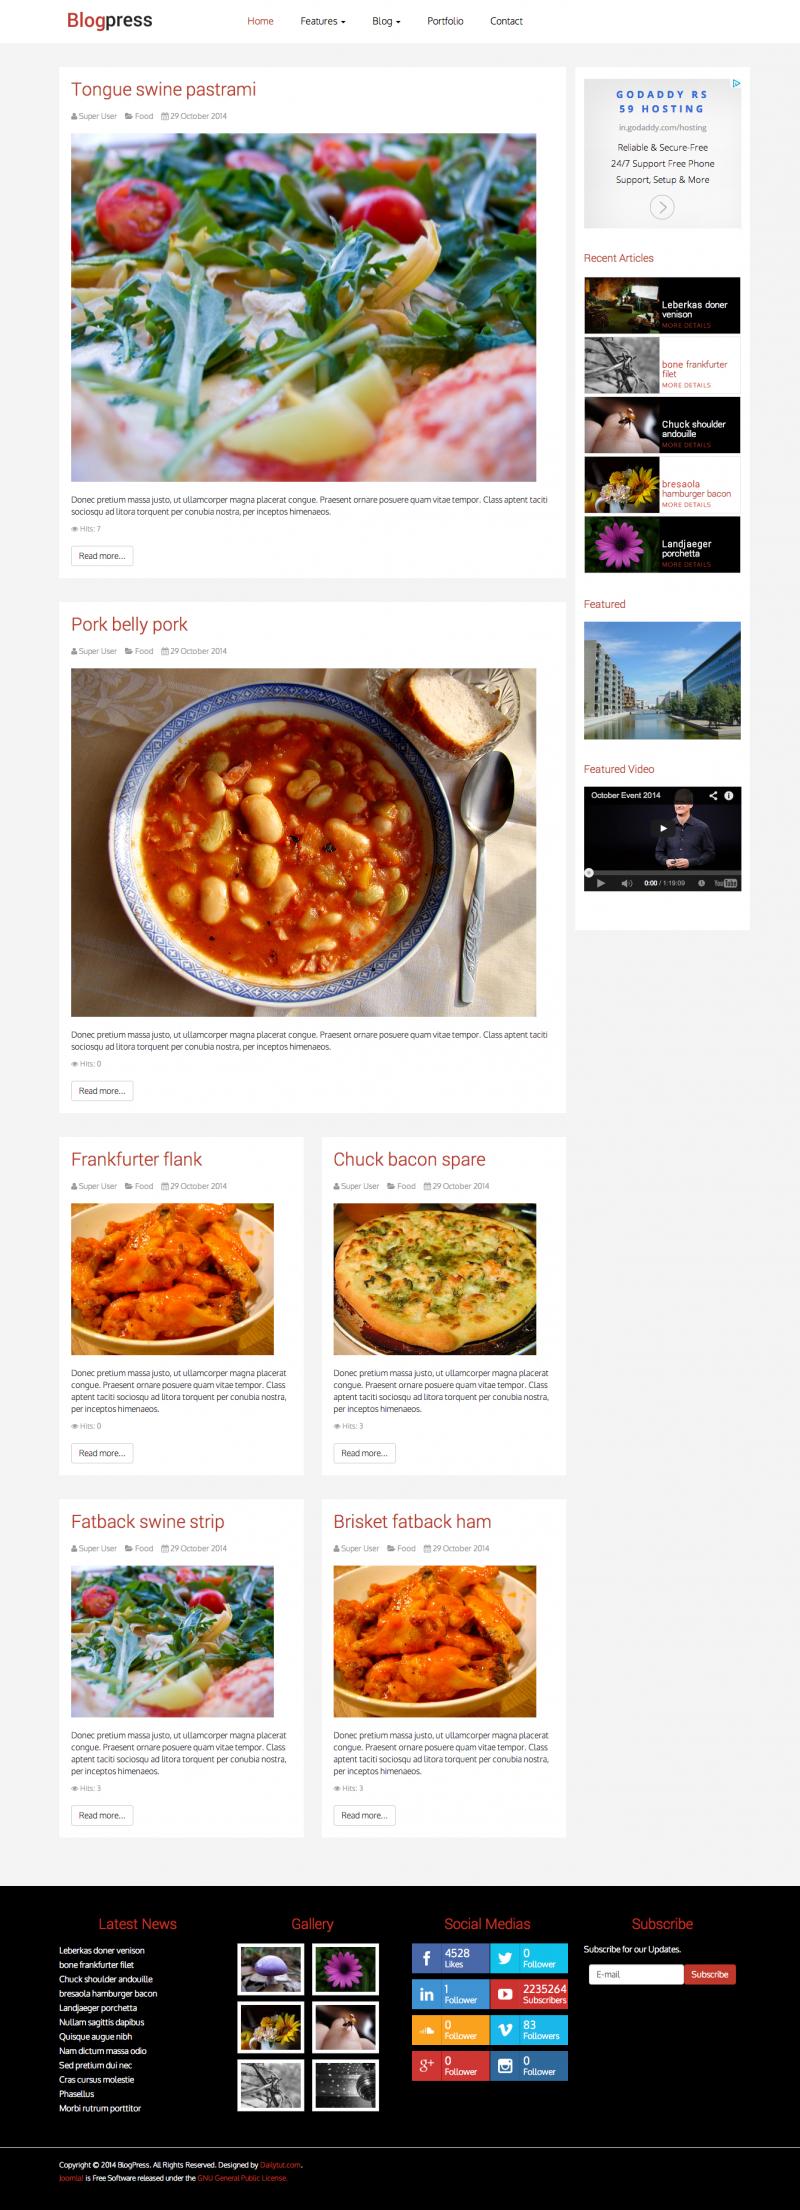 blogpress-joomla-template-download